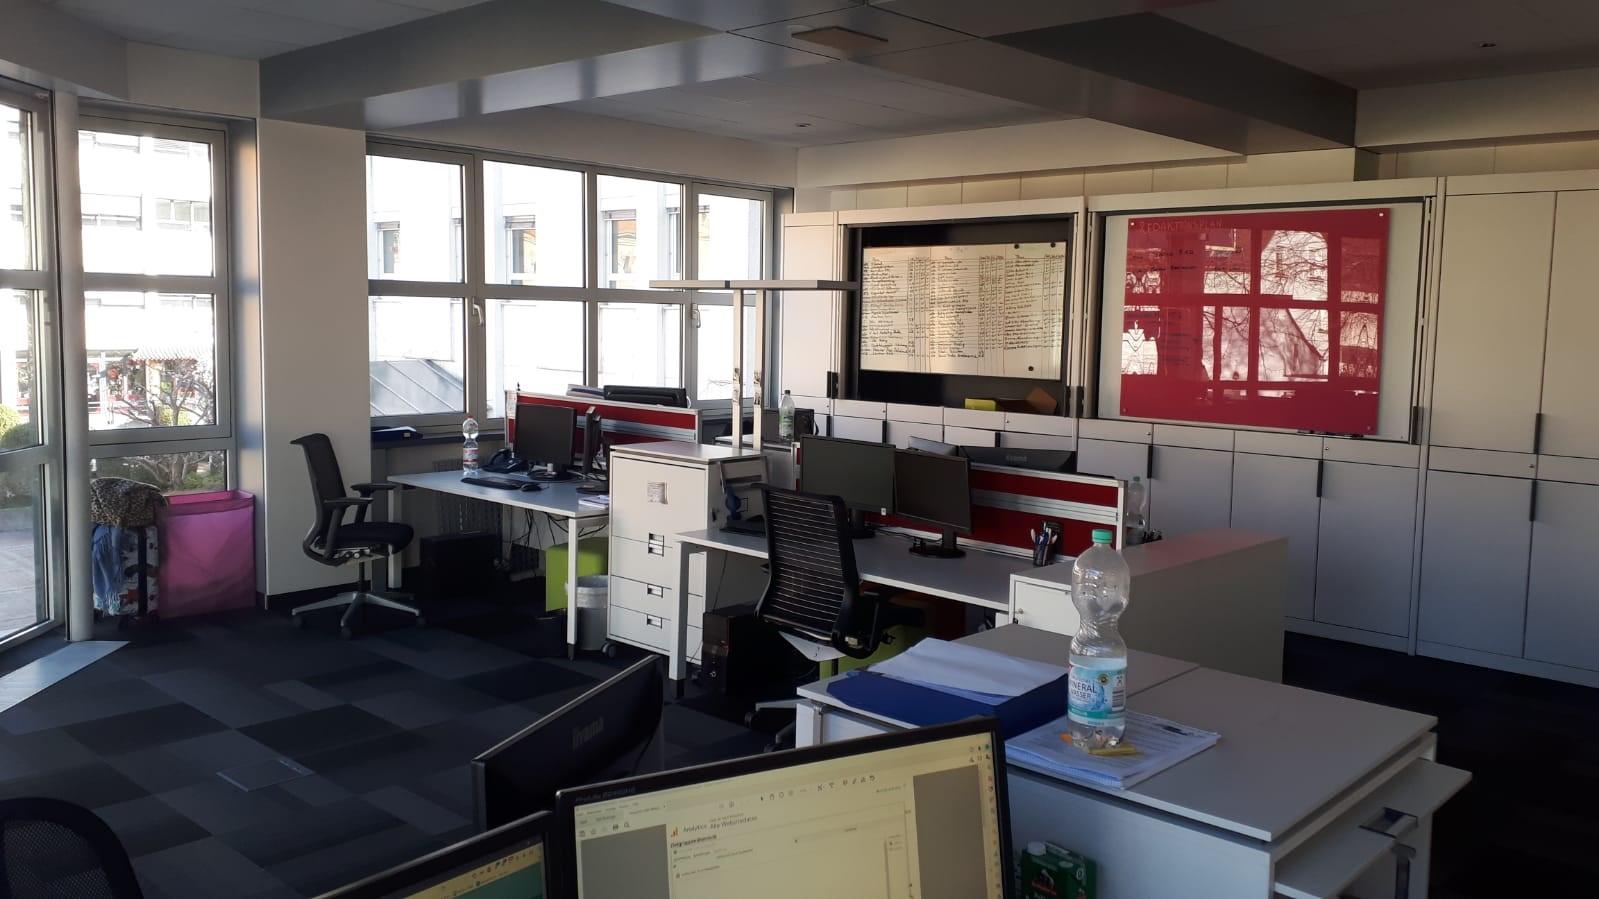 Zwar ist es bei exali momentan ziemlich leer in den Büros, aber trotzdem klappt die Arbeit und die Kommunikation (fast) wie immer.